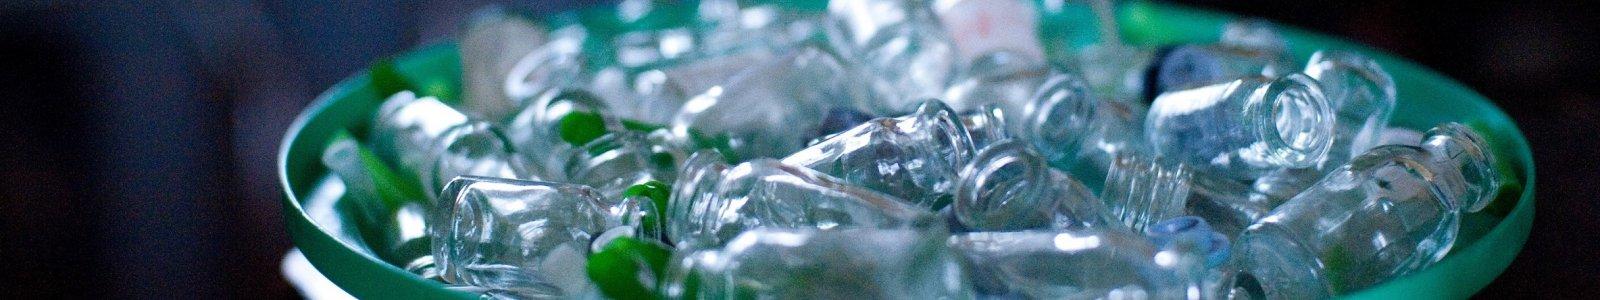 Bowl of vials